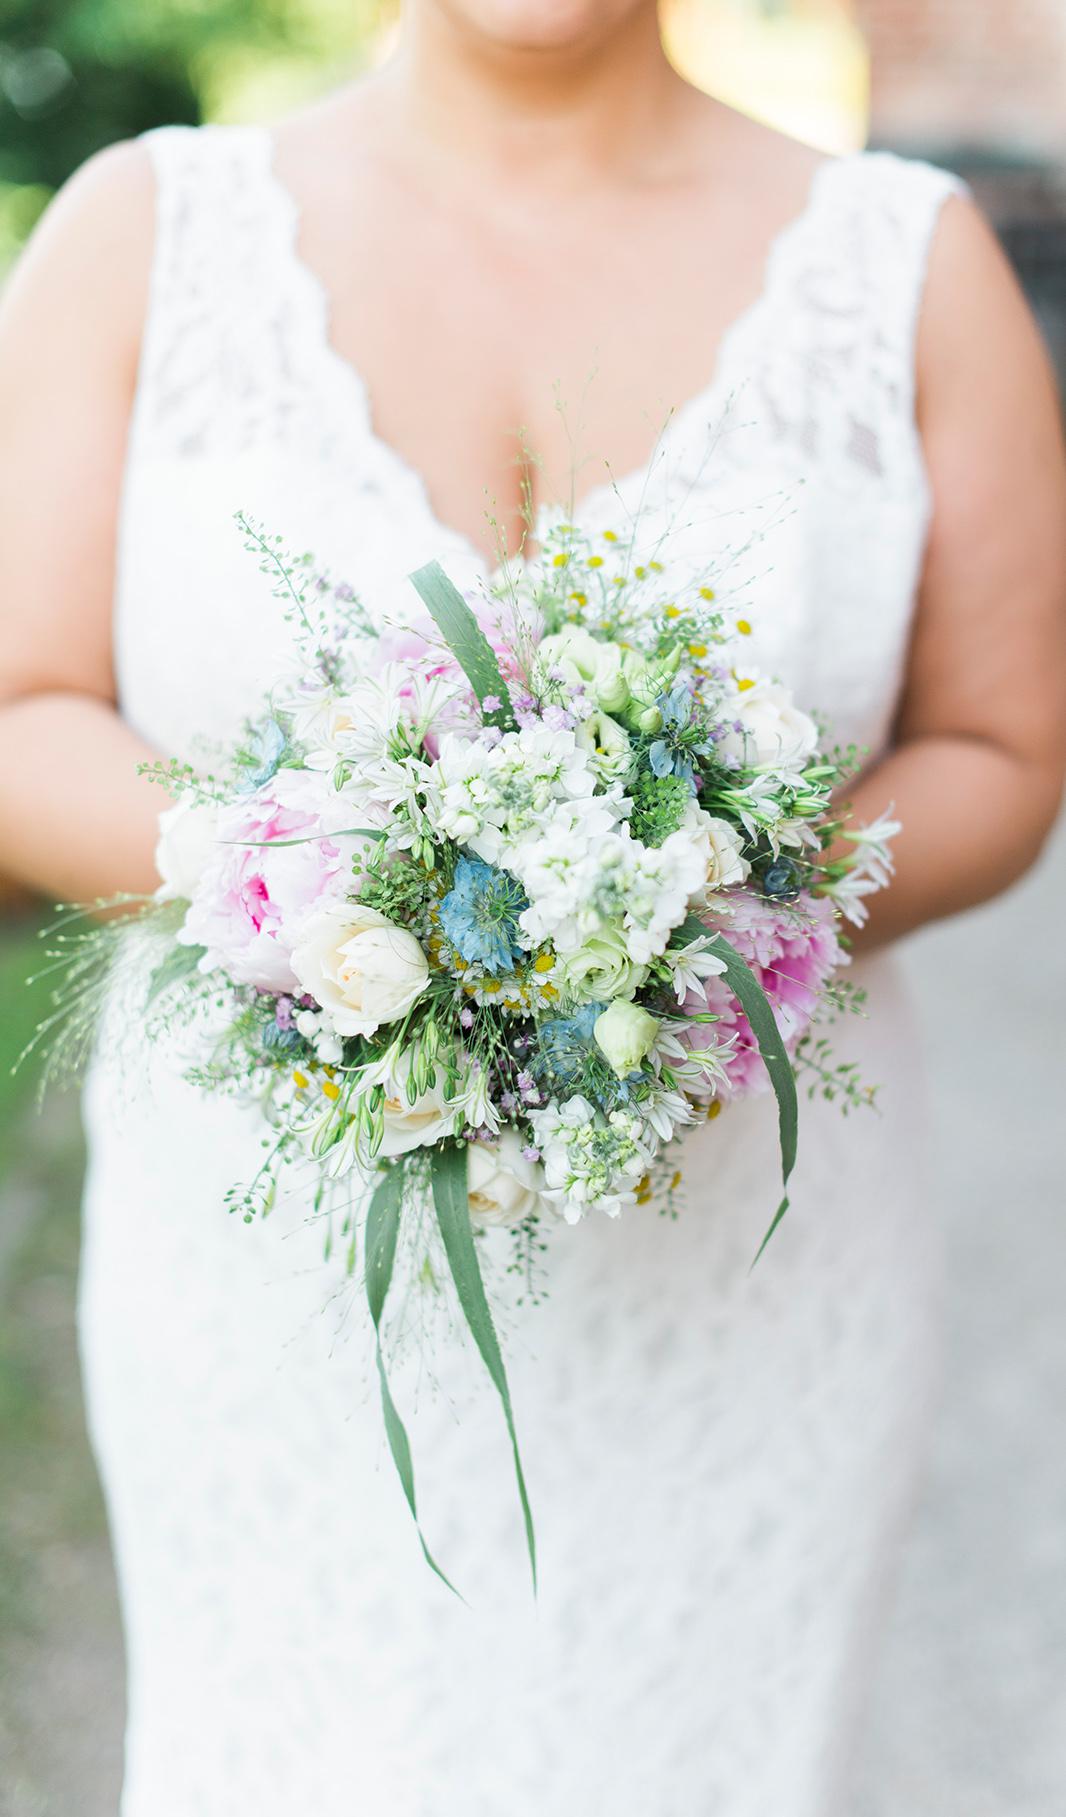 KathleenWelkerPhotography_Hochzeit-am-See-Paarfotos-Schaarlsee-Bride-Groom-Hochzeit-51